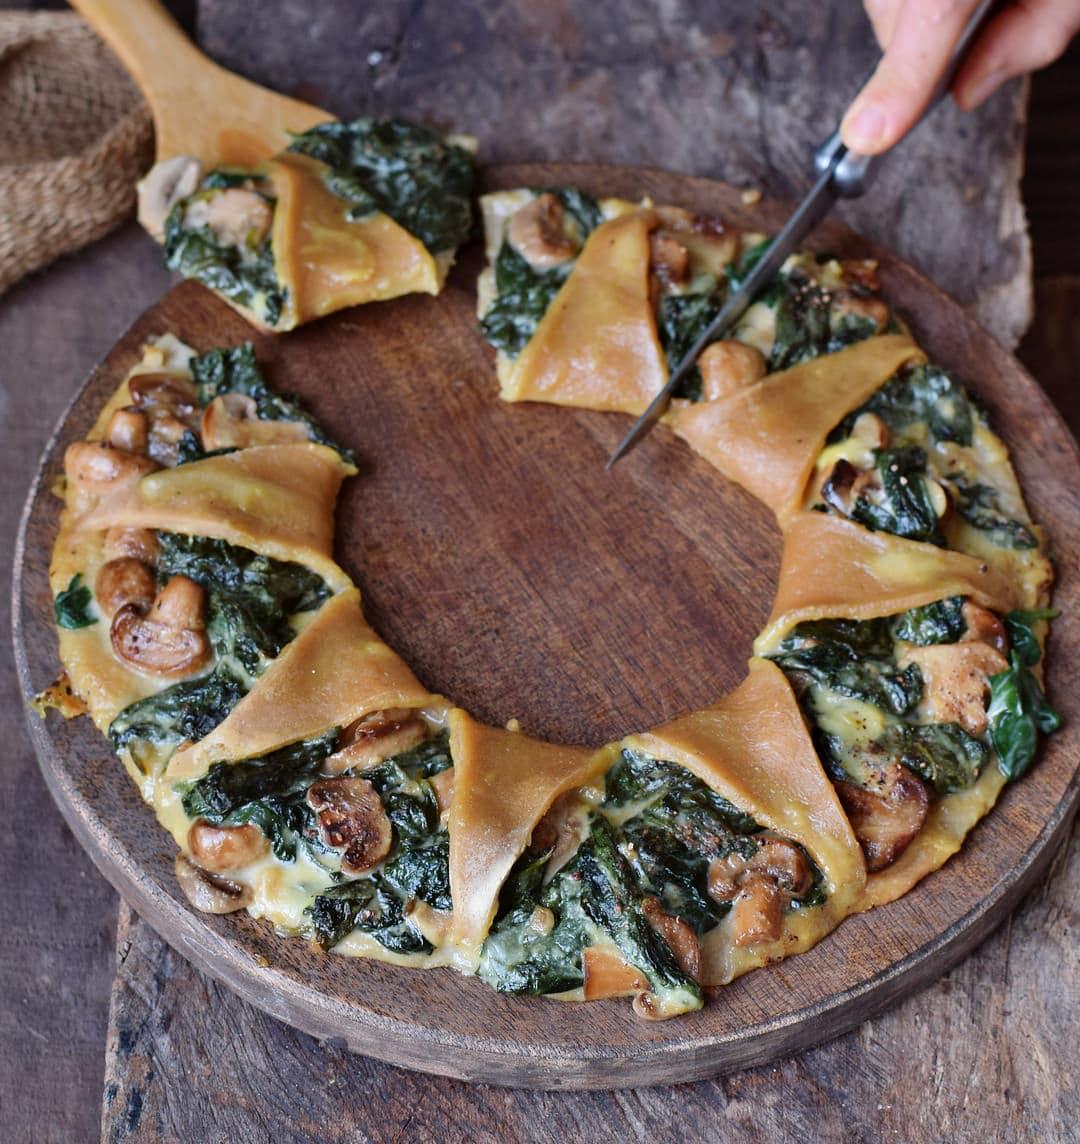 Schneiden von Pizzakranz mit Spinat Pilzen und veganem Käse